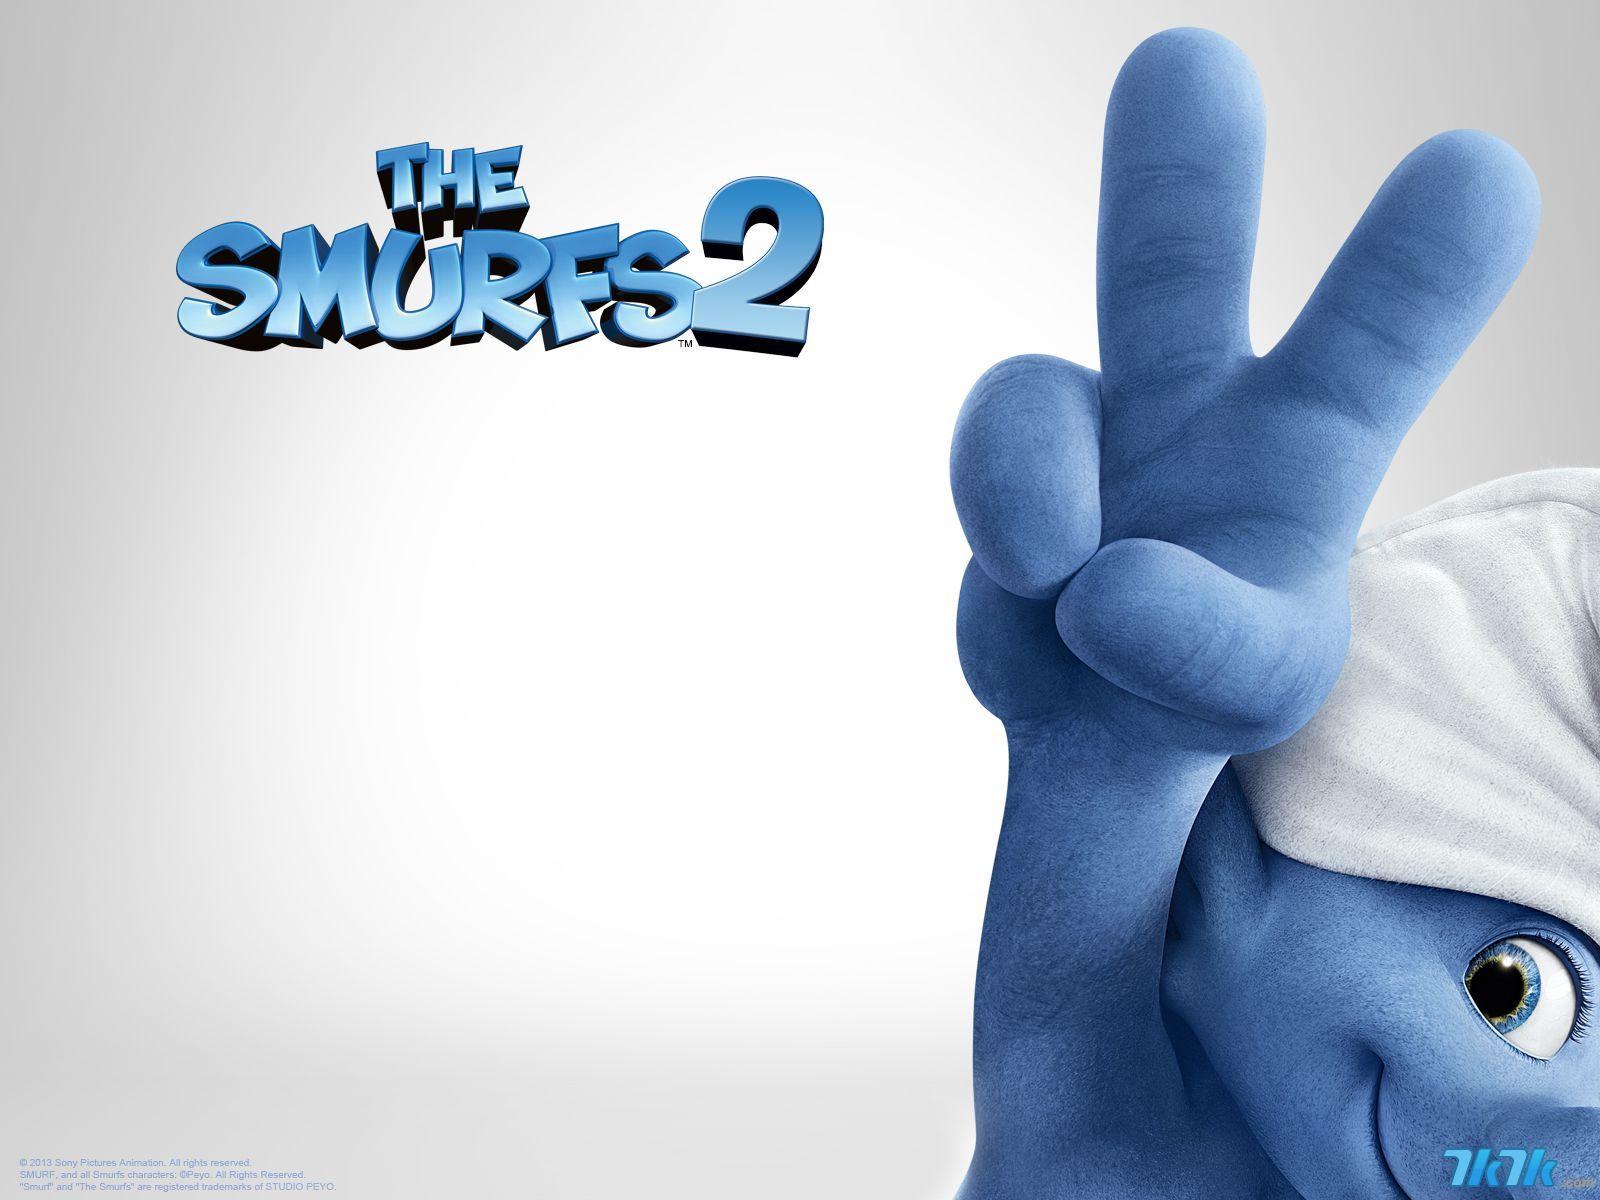 《蓝精灵2》海报,剧照